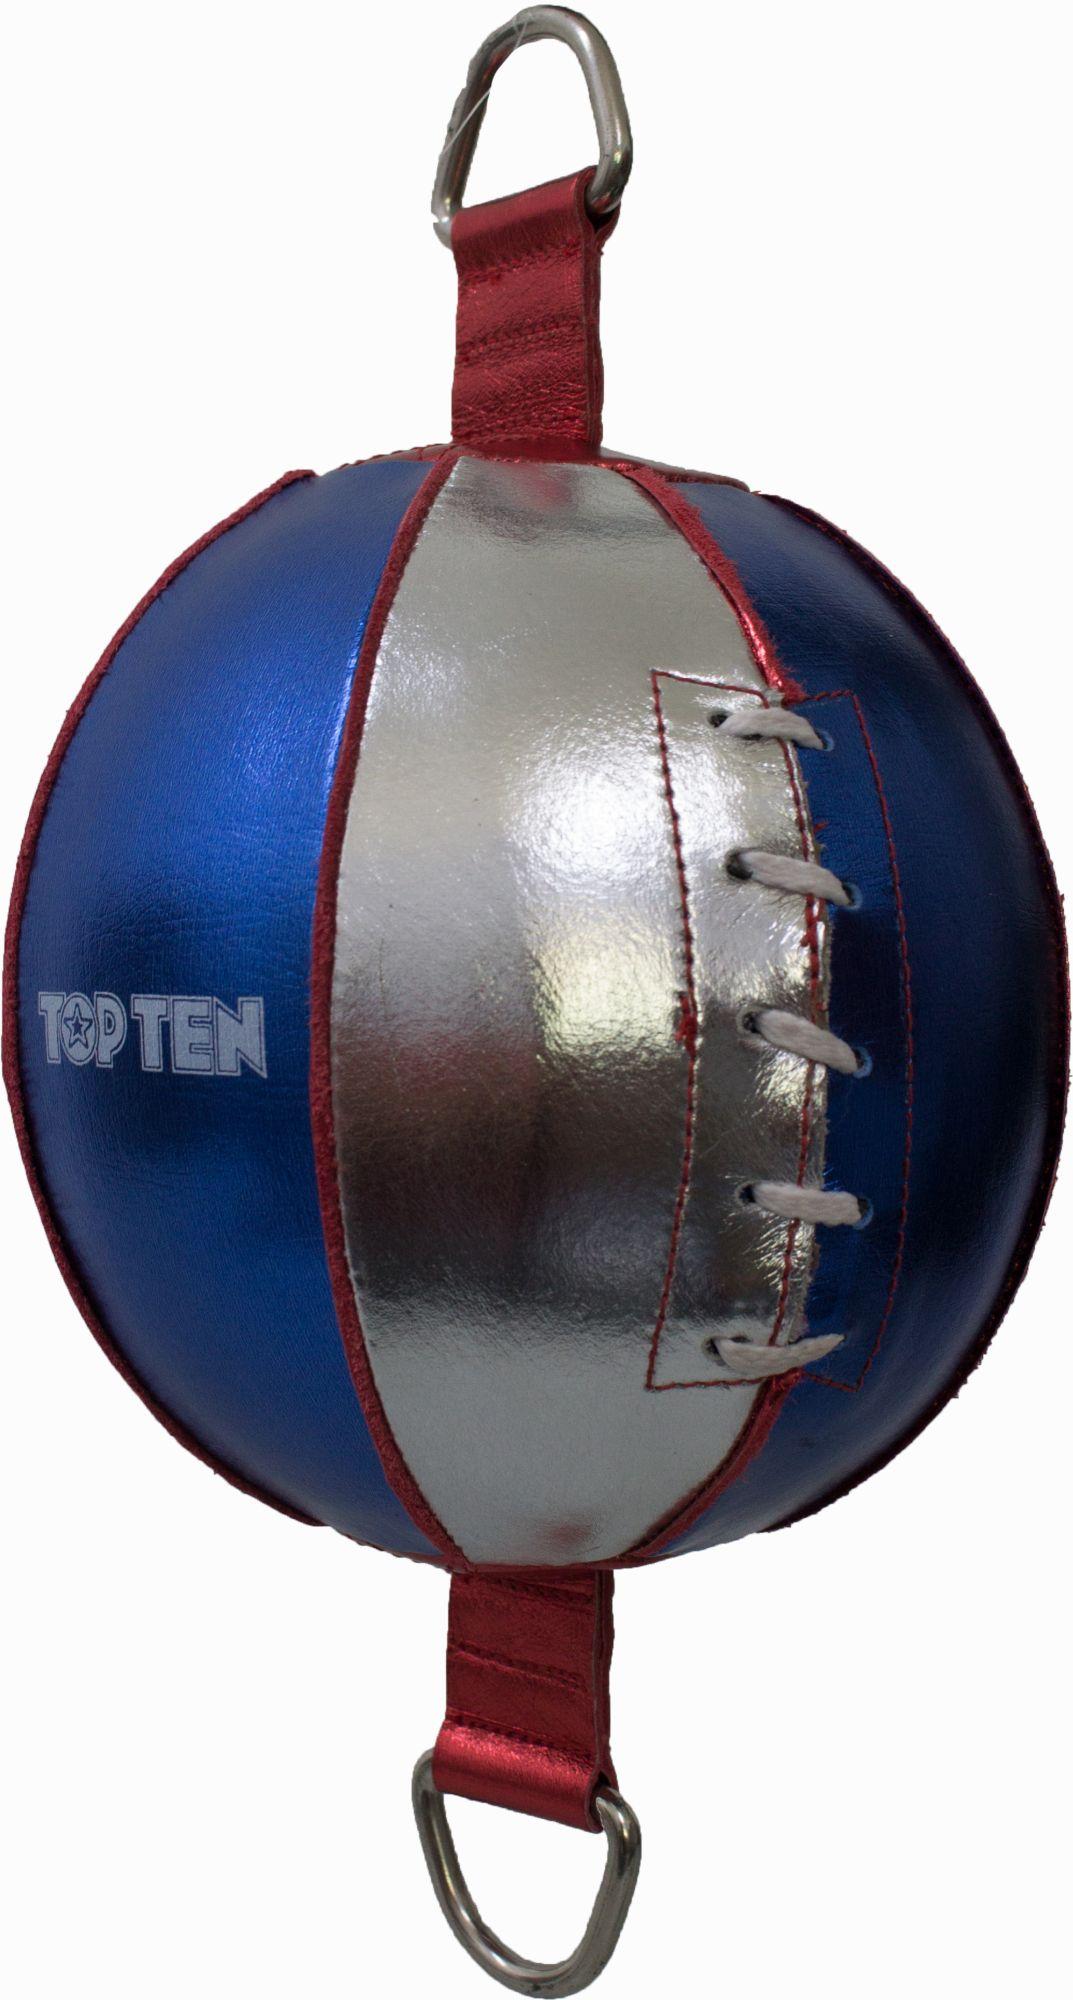 TOP TEN Double end ball Rood - Zwart